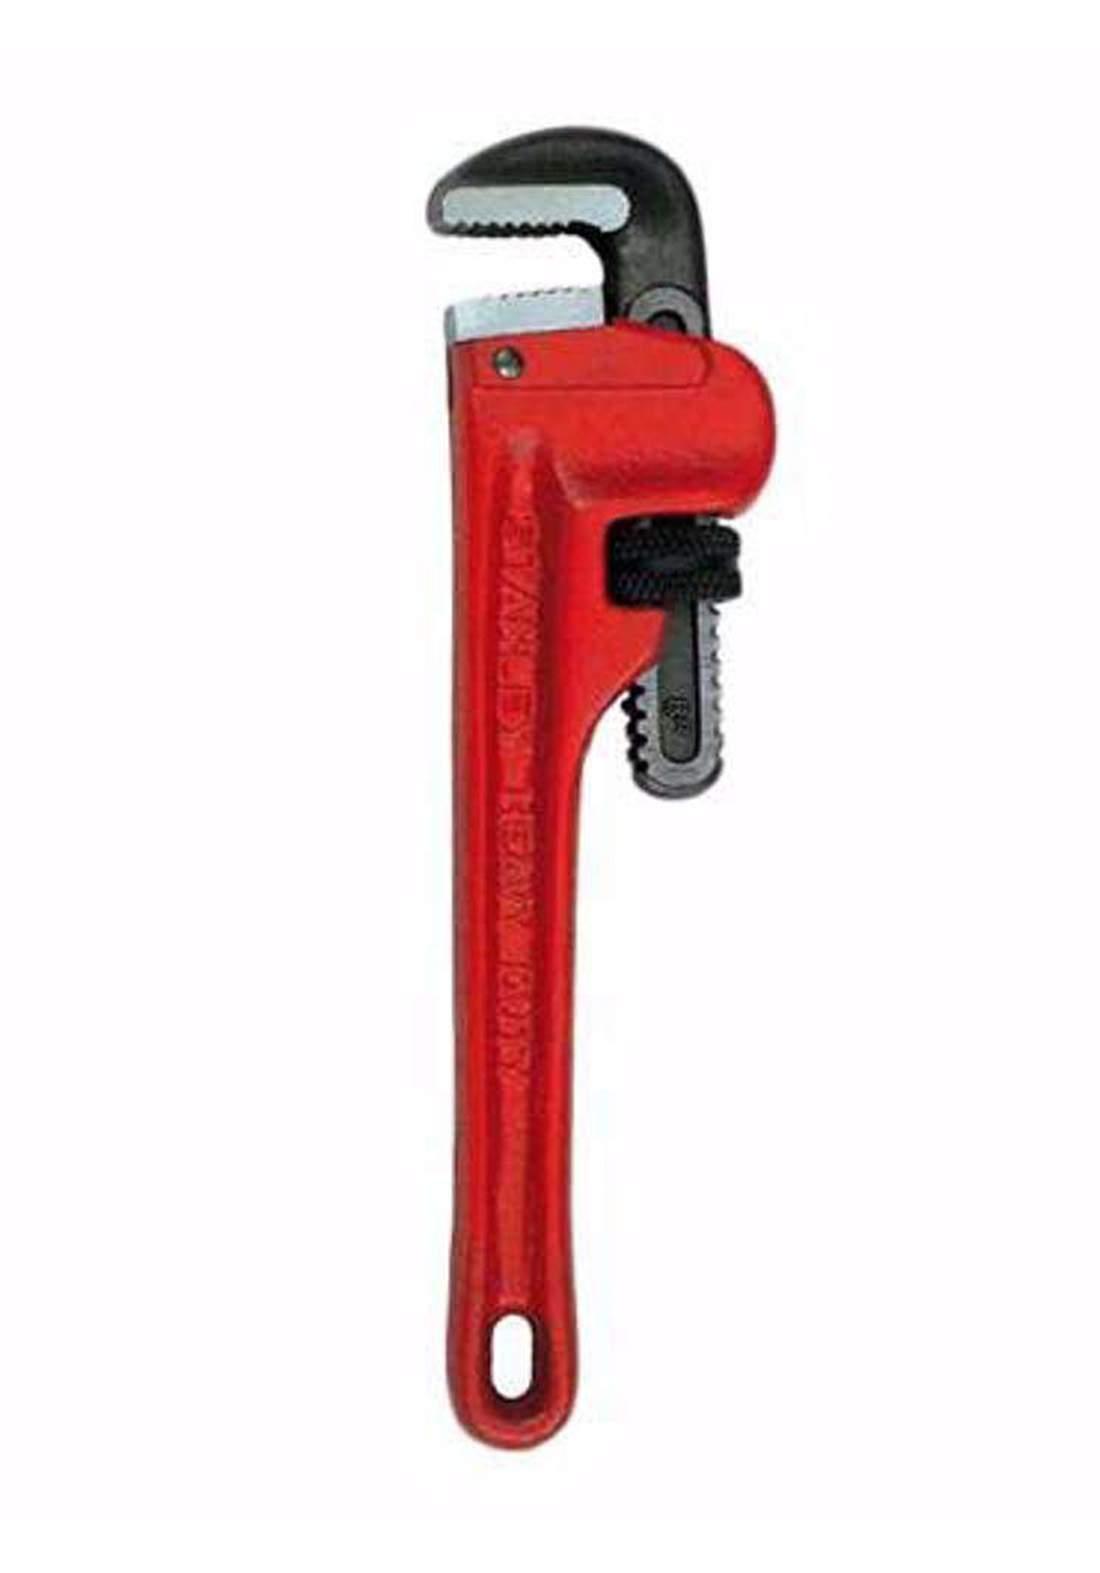 Stanley 87-623 Pipe Wrench 300mm سكول سبانة